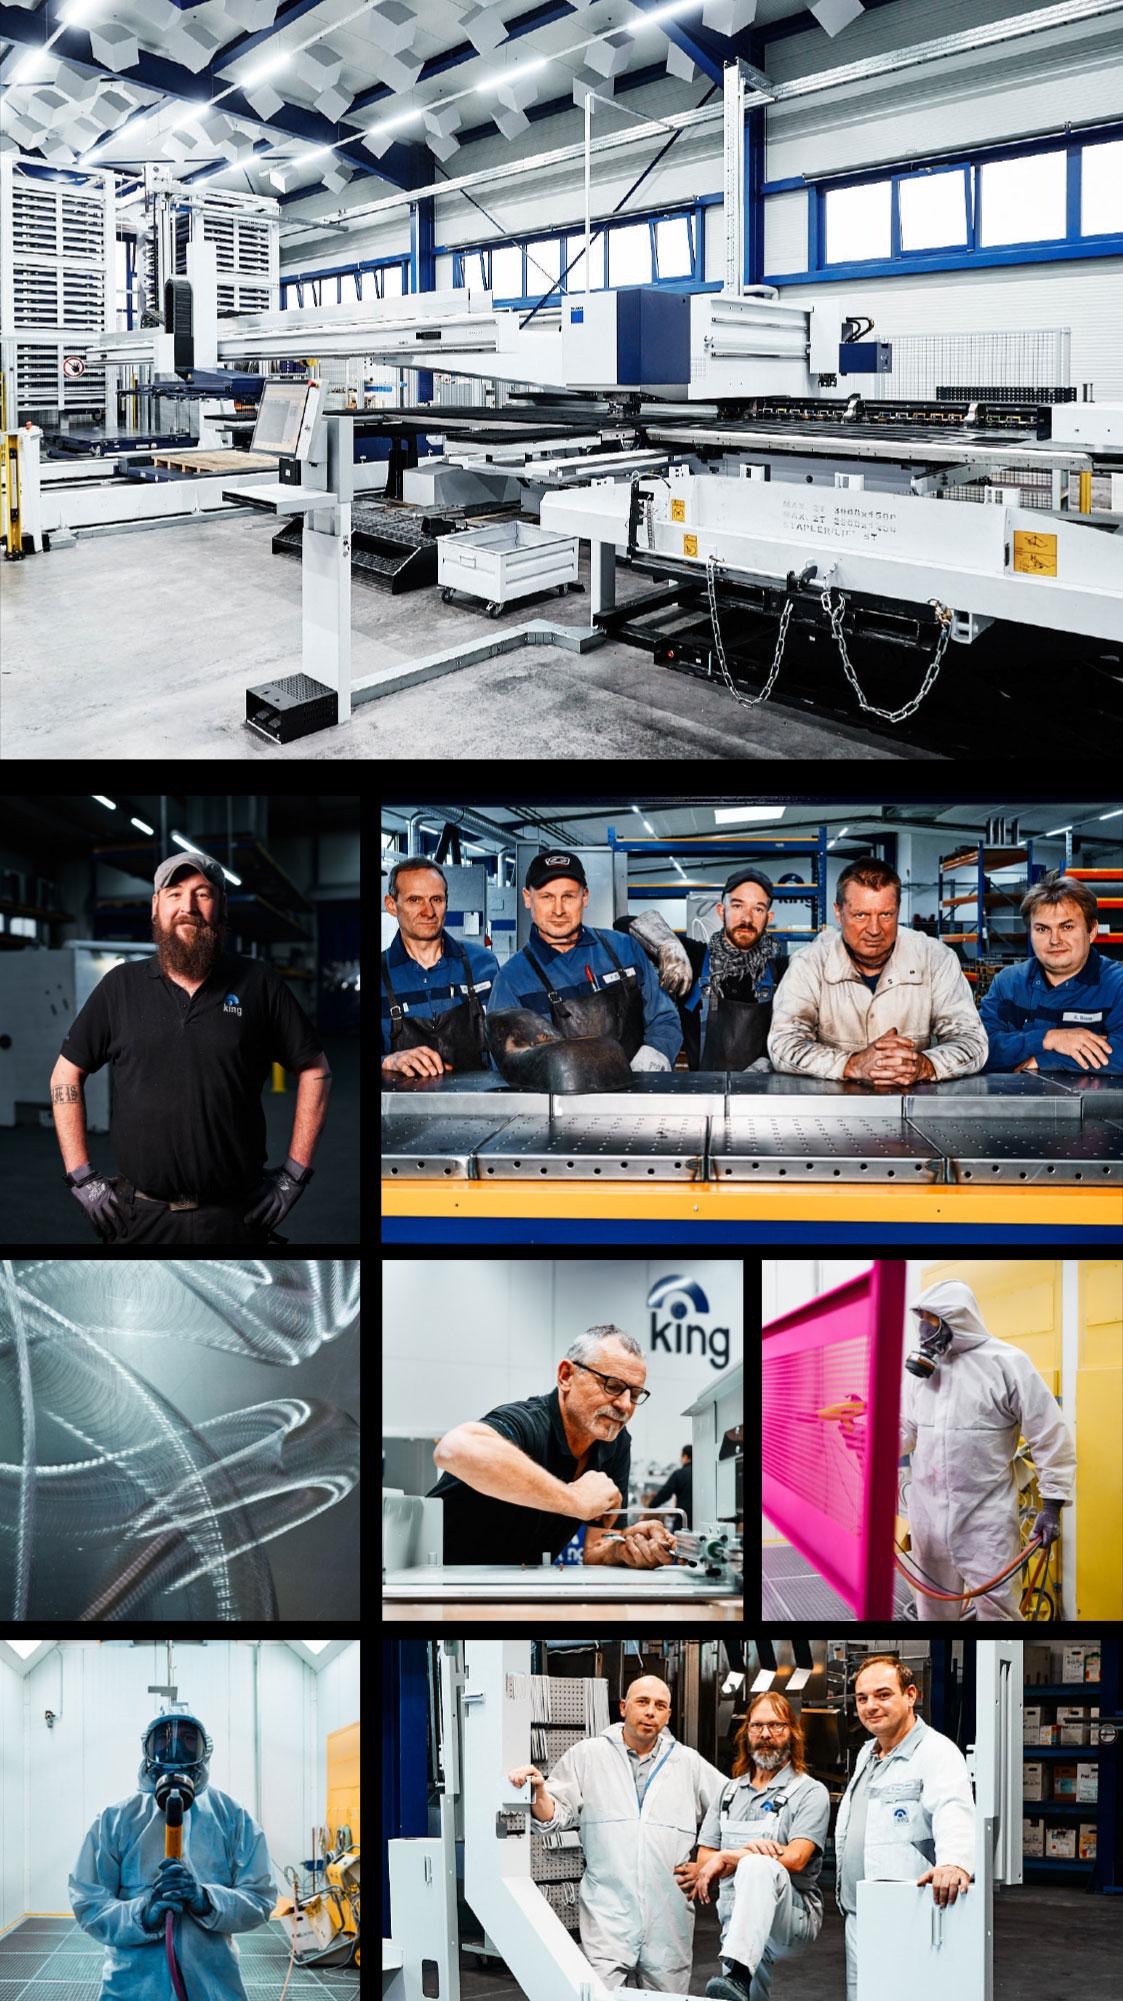 Eine Zusammenstellung verschiedener Bilder der King GmbH